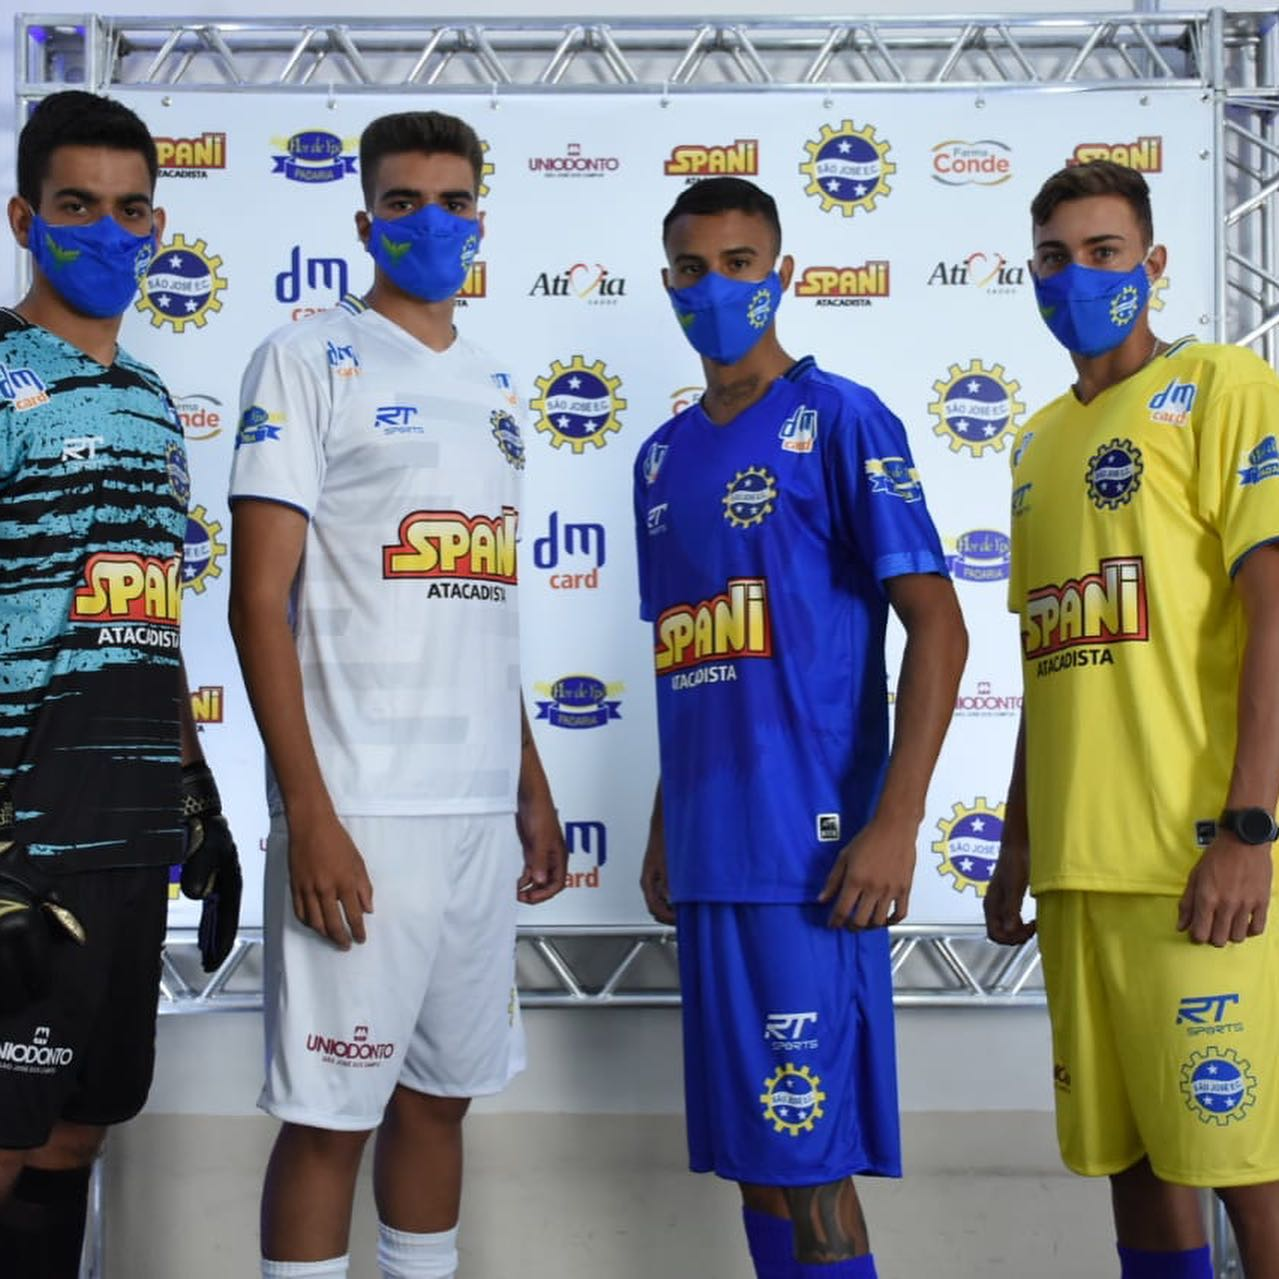 Uniformes do São José para a disputa da Série A3